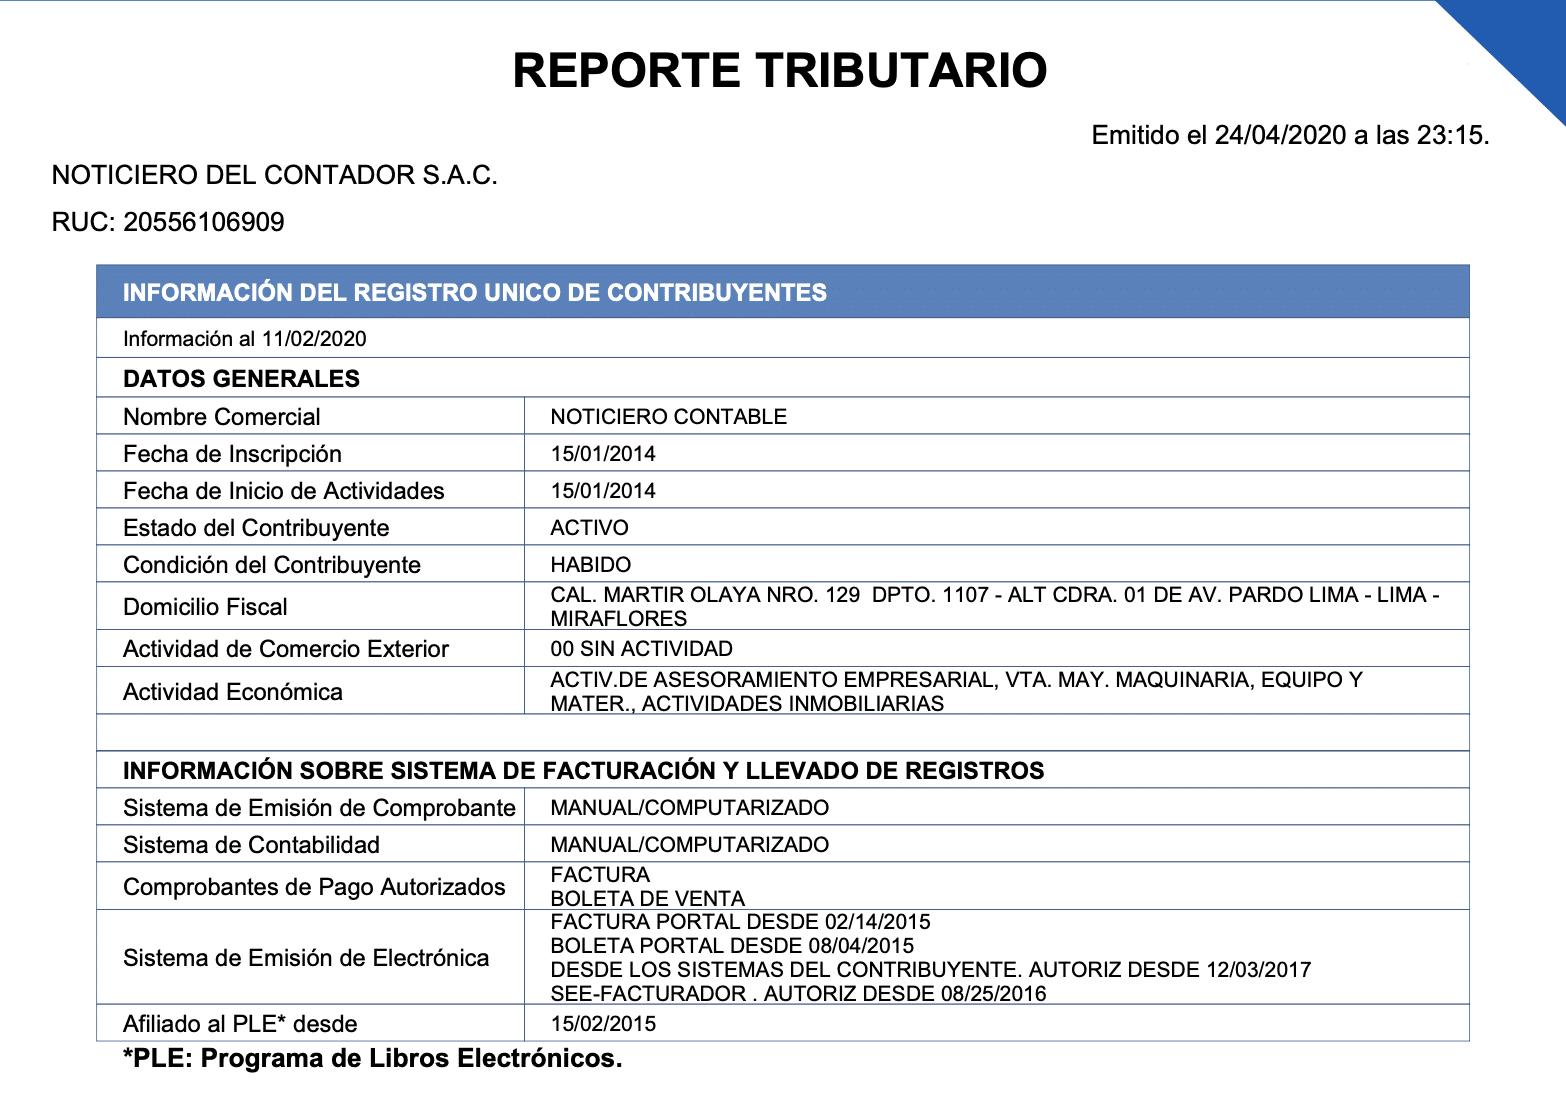 Imprimir Reporte Tributario para Terceros